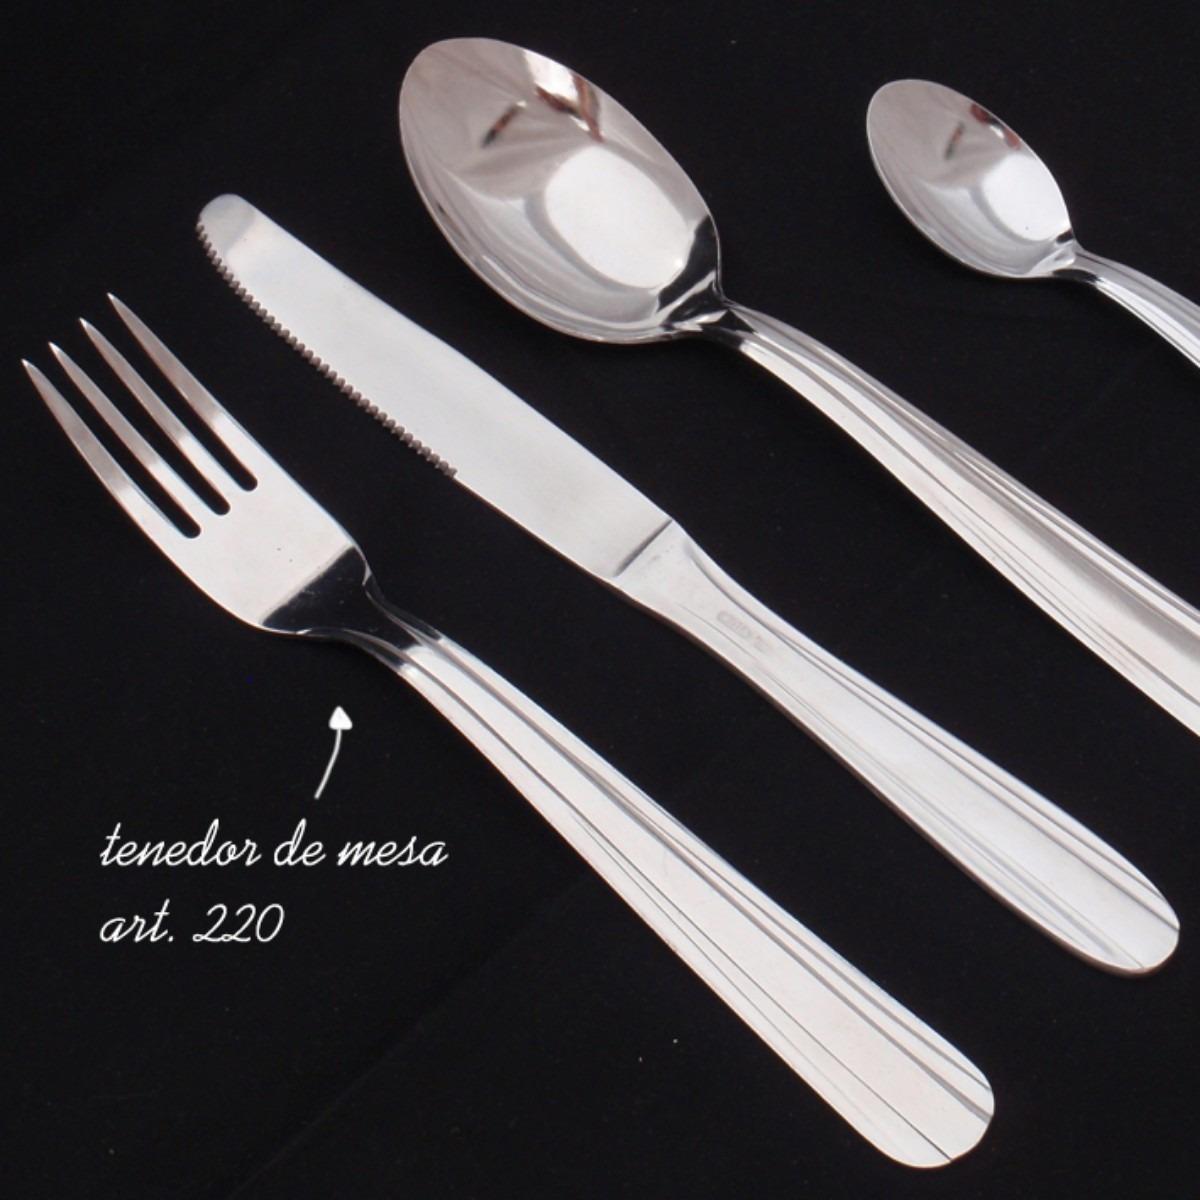 20 doc tenedores de mesa